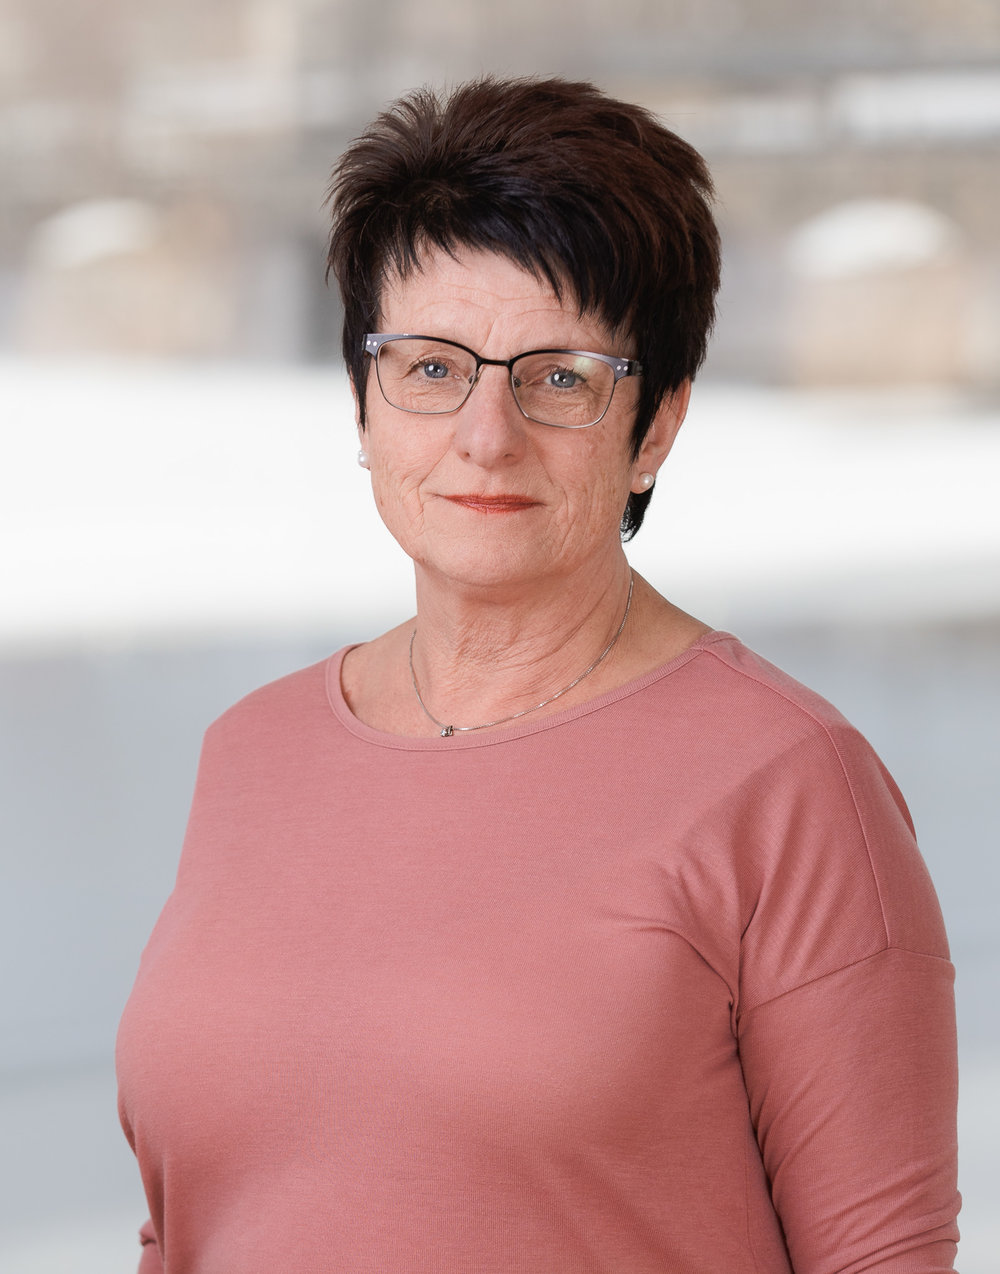 Irene Öberg Karlsson  Arbetscoach och Kundansvarig  0550-221 460  kristinehamn@stadarna.se   Hemänglarna AB / Städarna i Karlstad Dagvindsgatan 1 652 21 Karlstad  Arbetat på Städarna sedan 2009 (Fd. Hemänglarna)